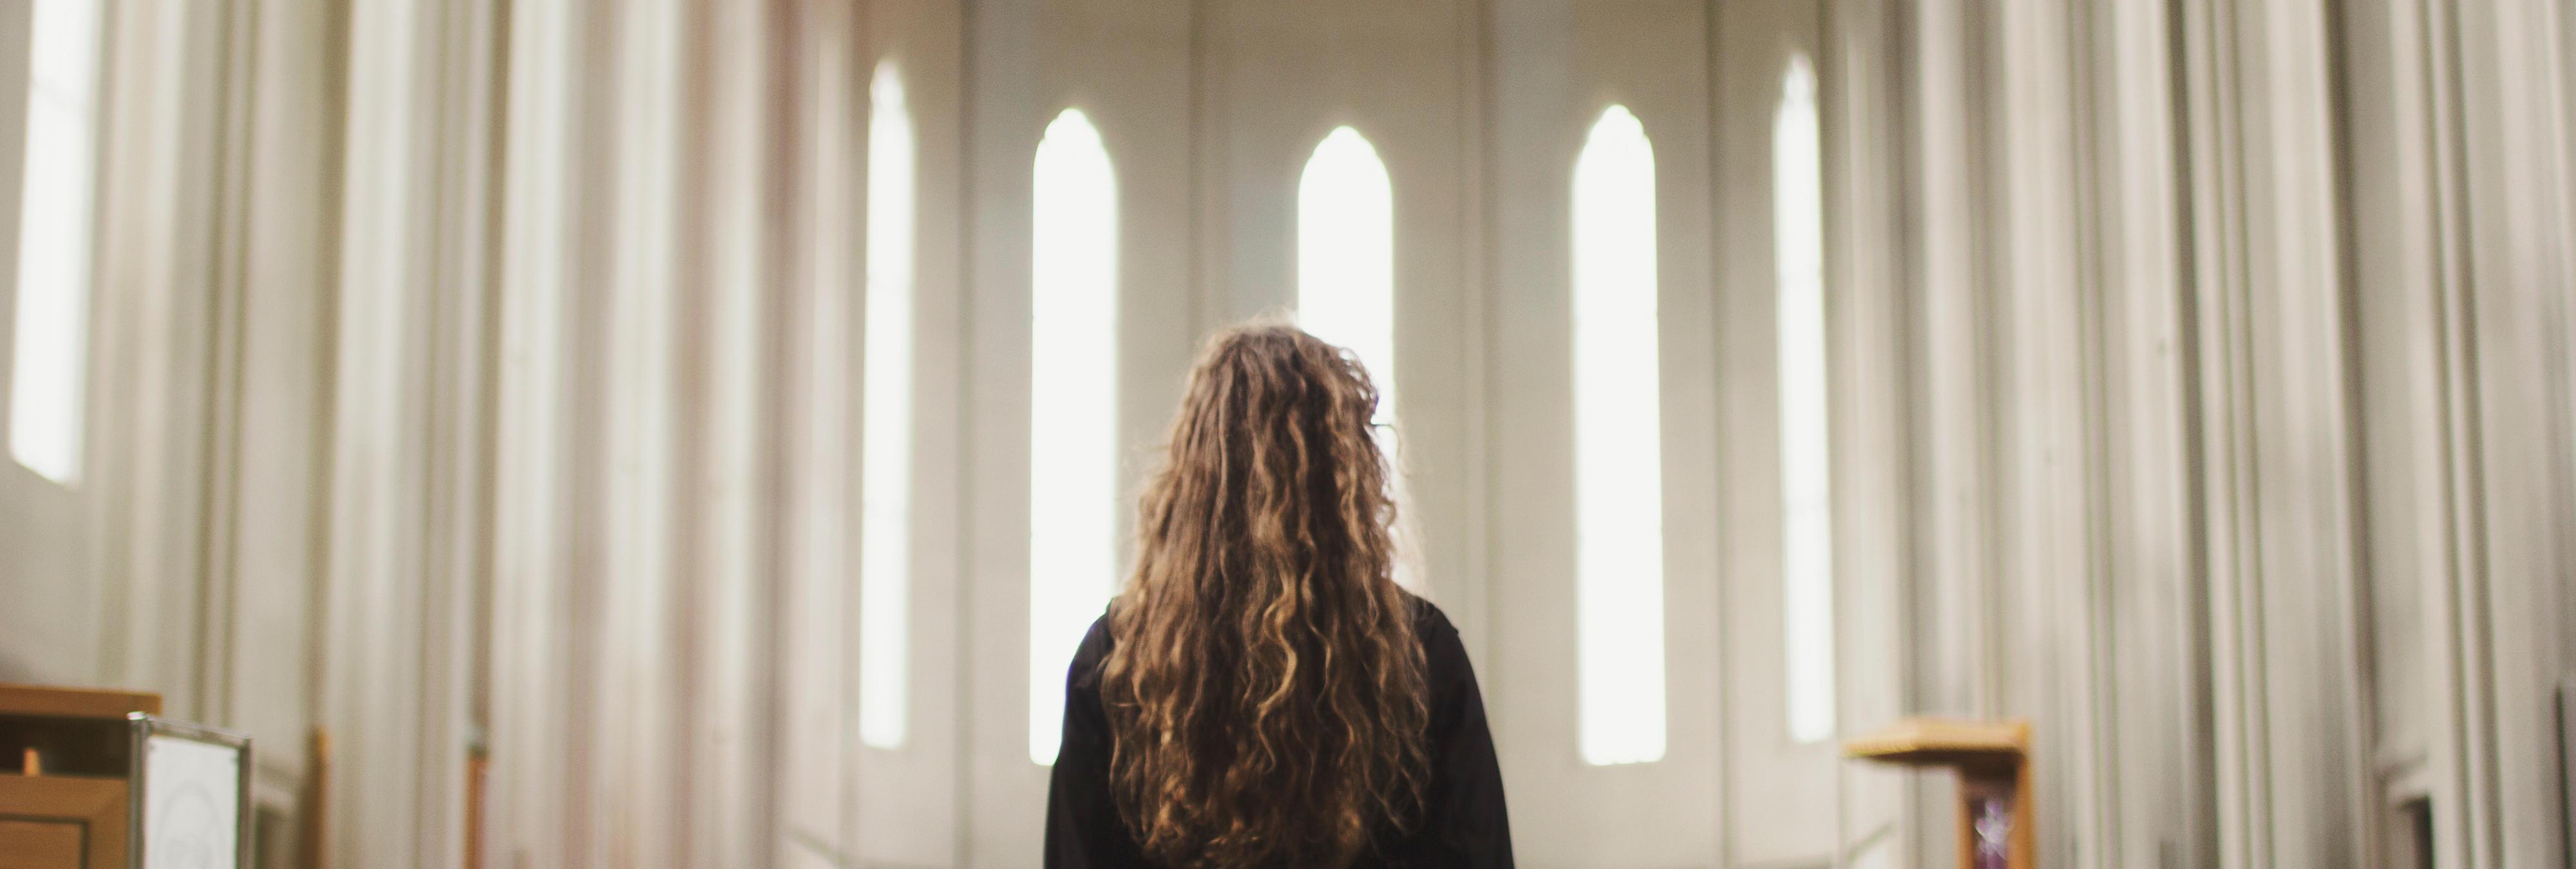 Los jóvenes de Islandia, la primera generación atea del mundo